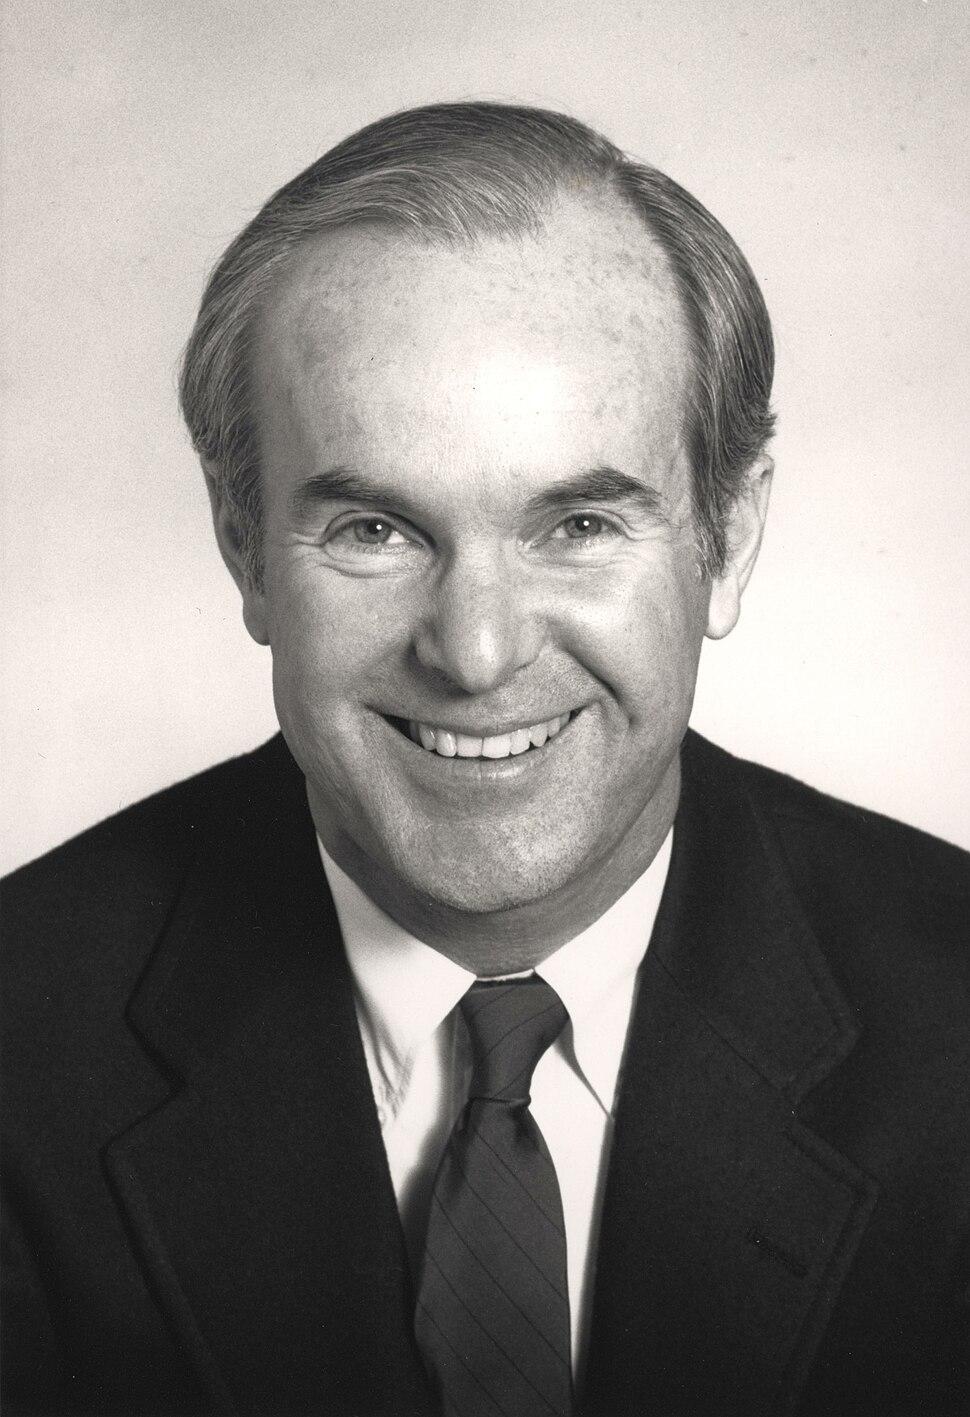 Booth Gardner